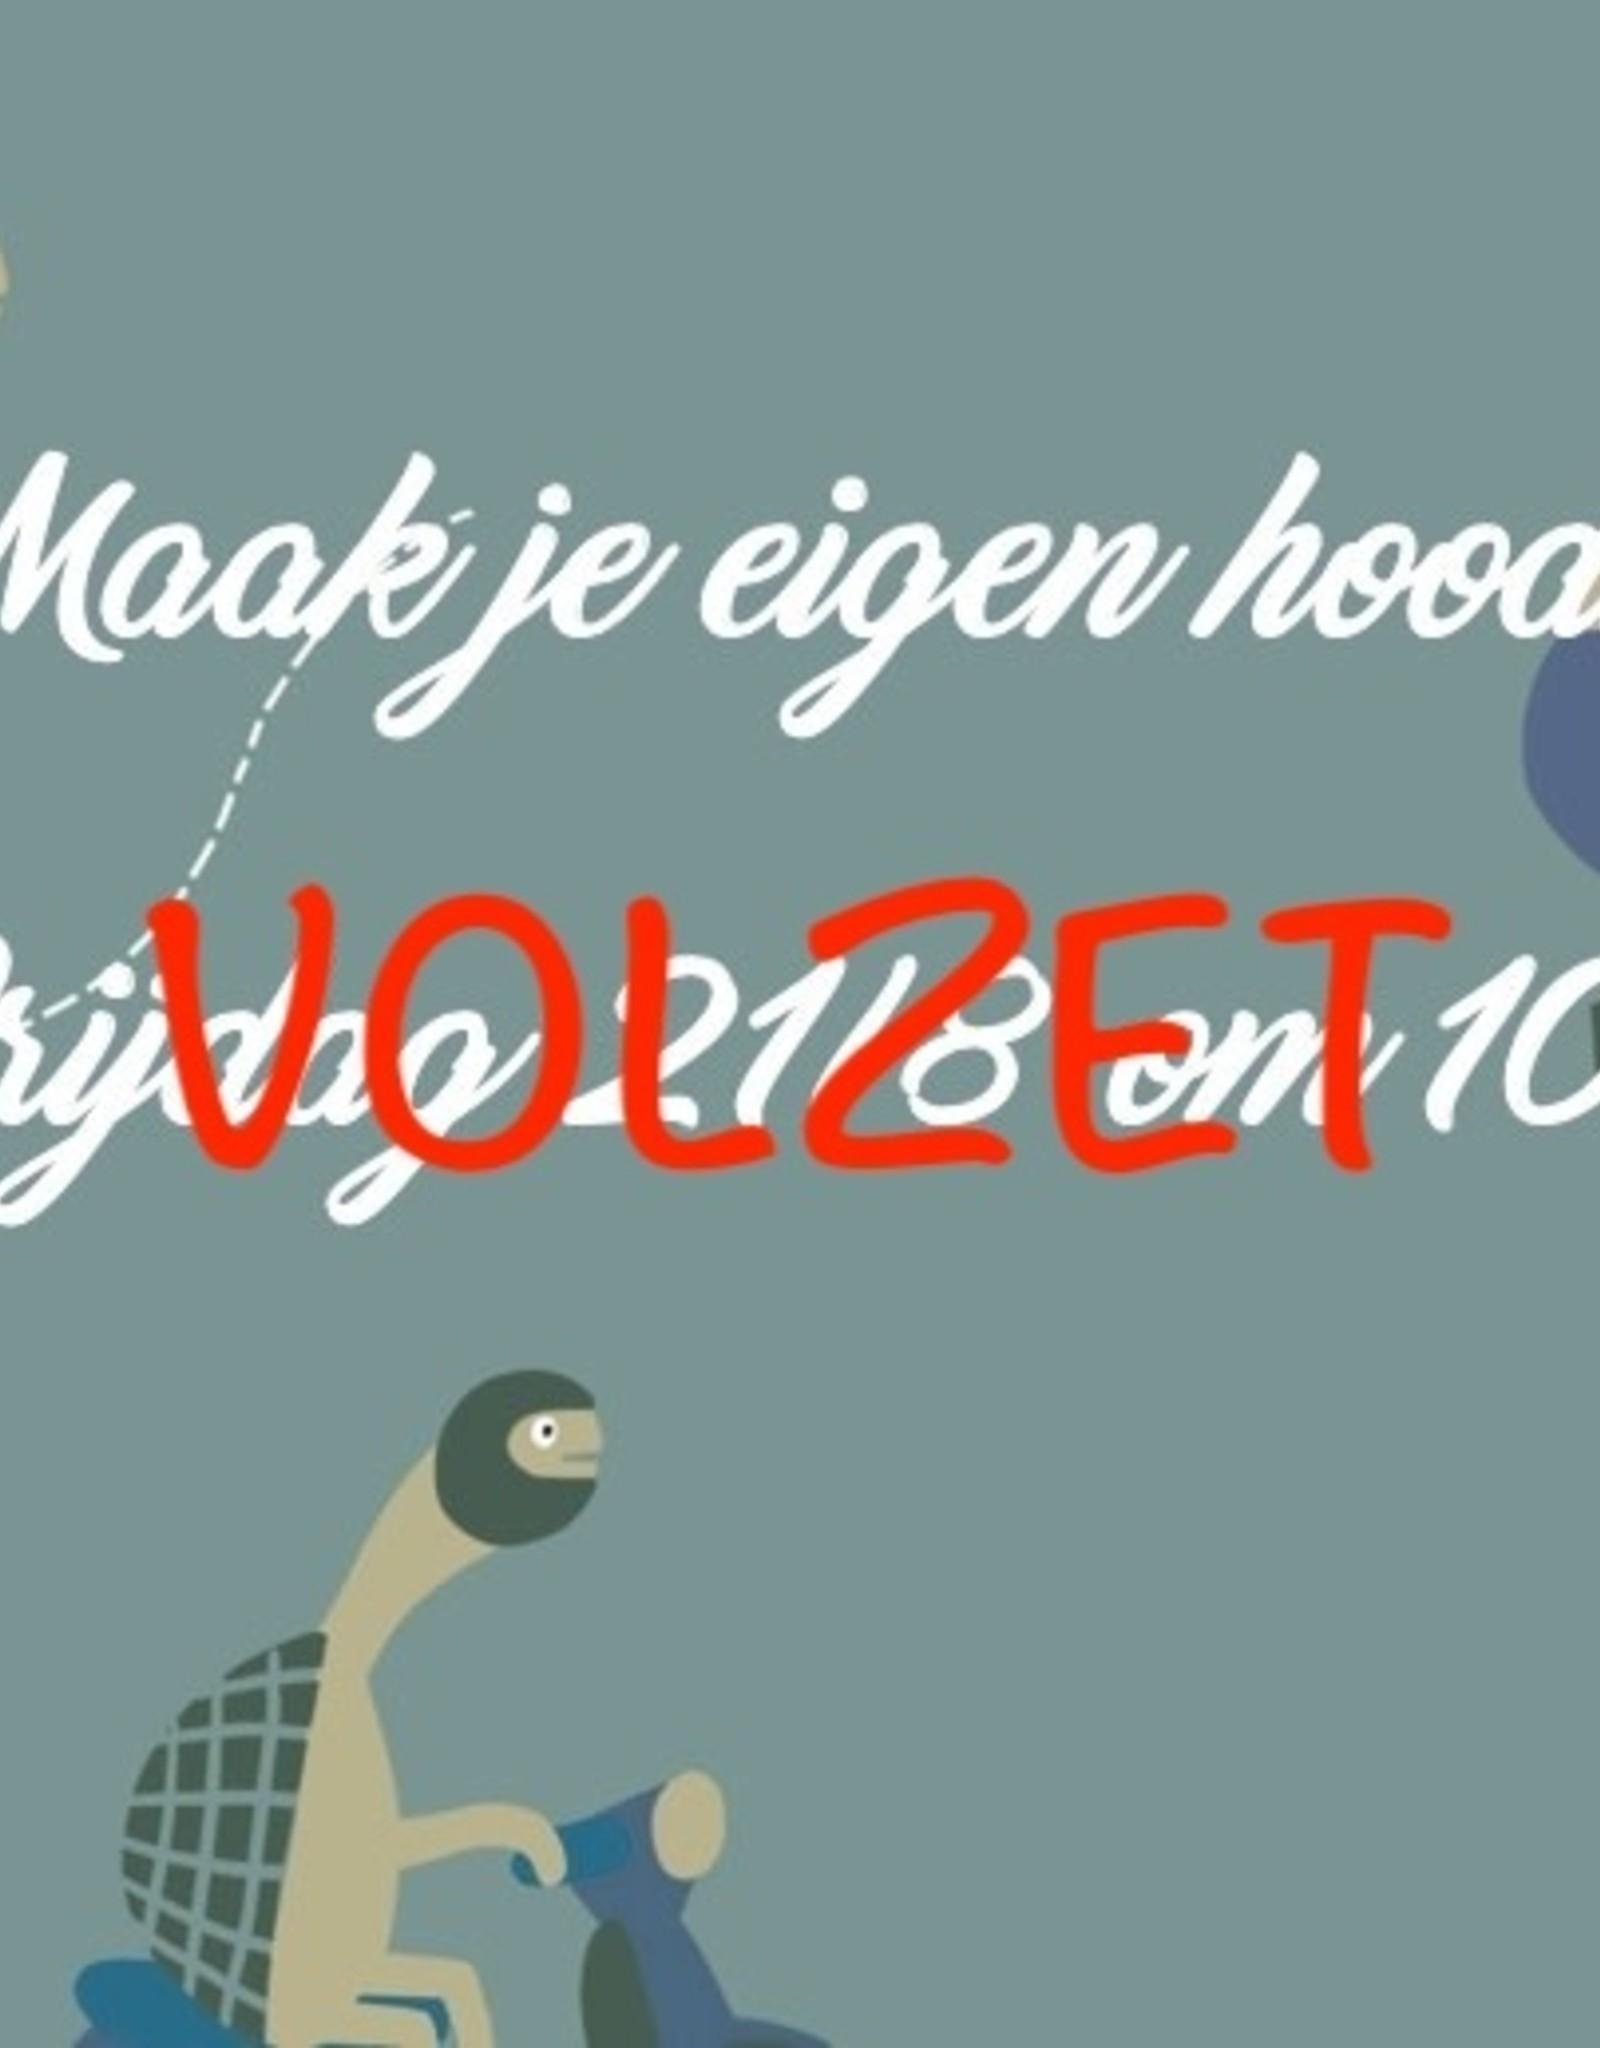 Workshop hoodie 21/8